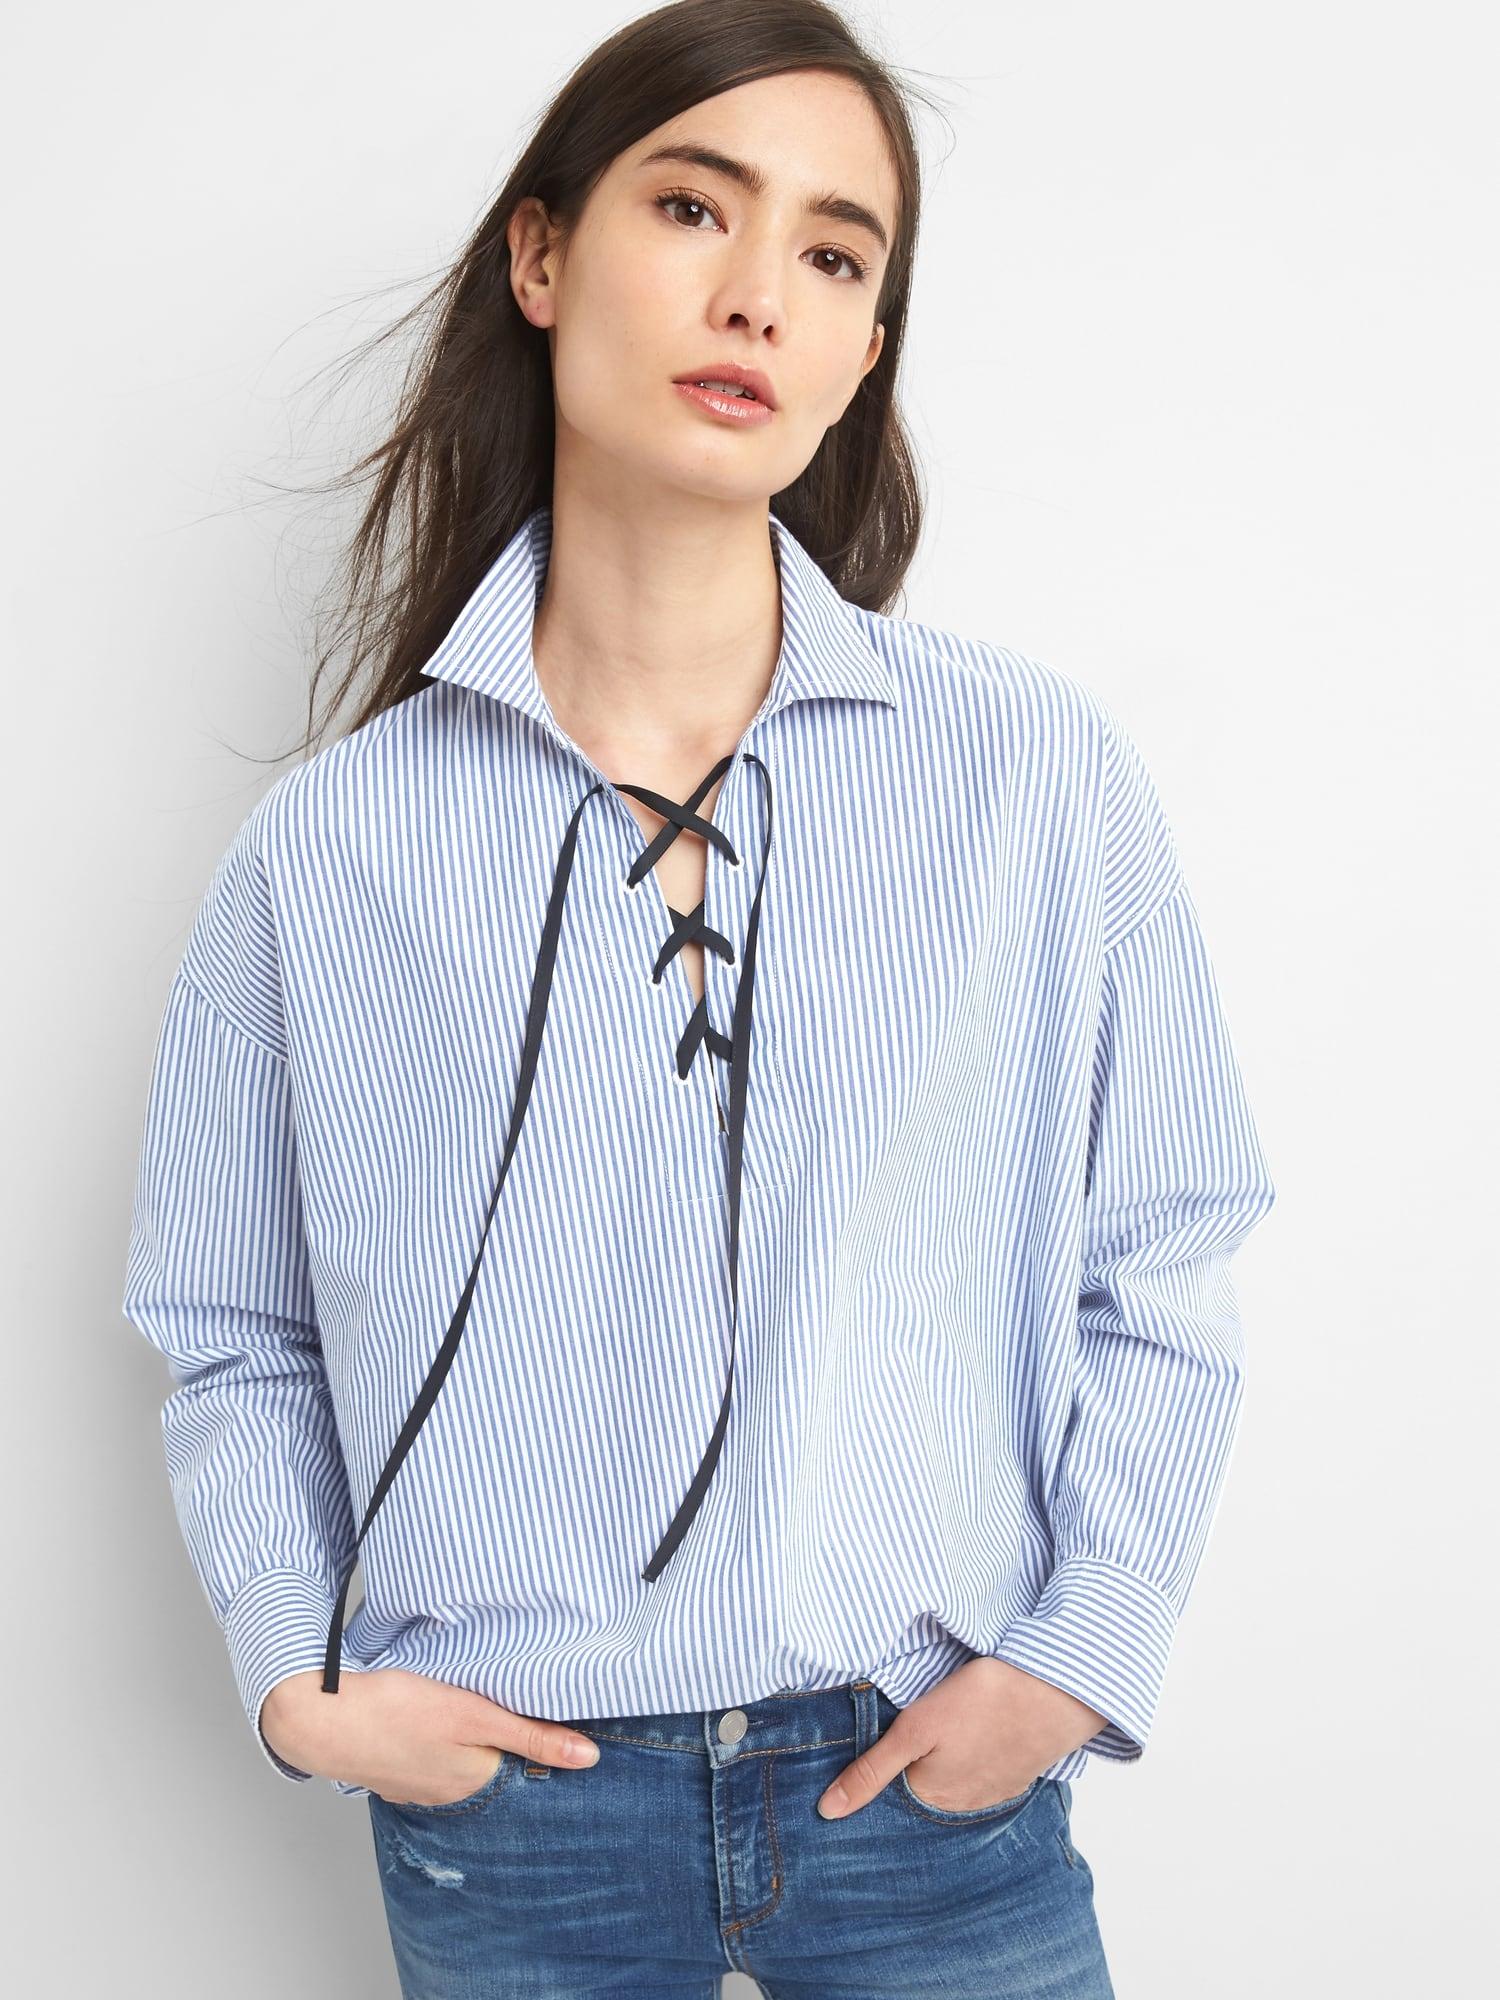 26cefa0d9e10d Kadin Mavi/beyaz Çizgili Çizgili polin gömlek 308844268 | GAP